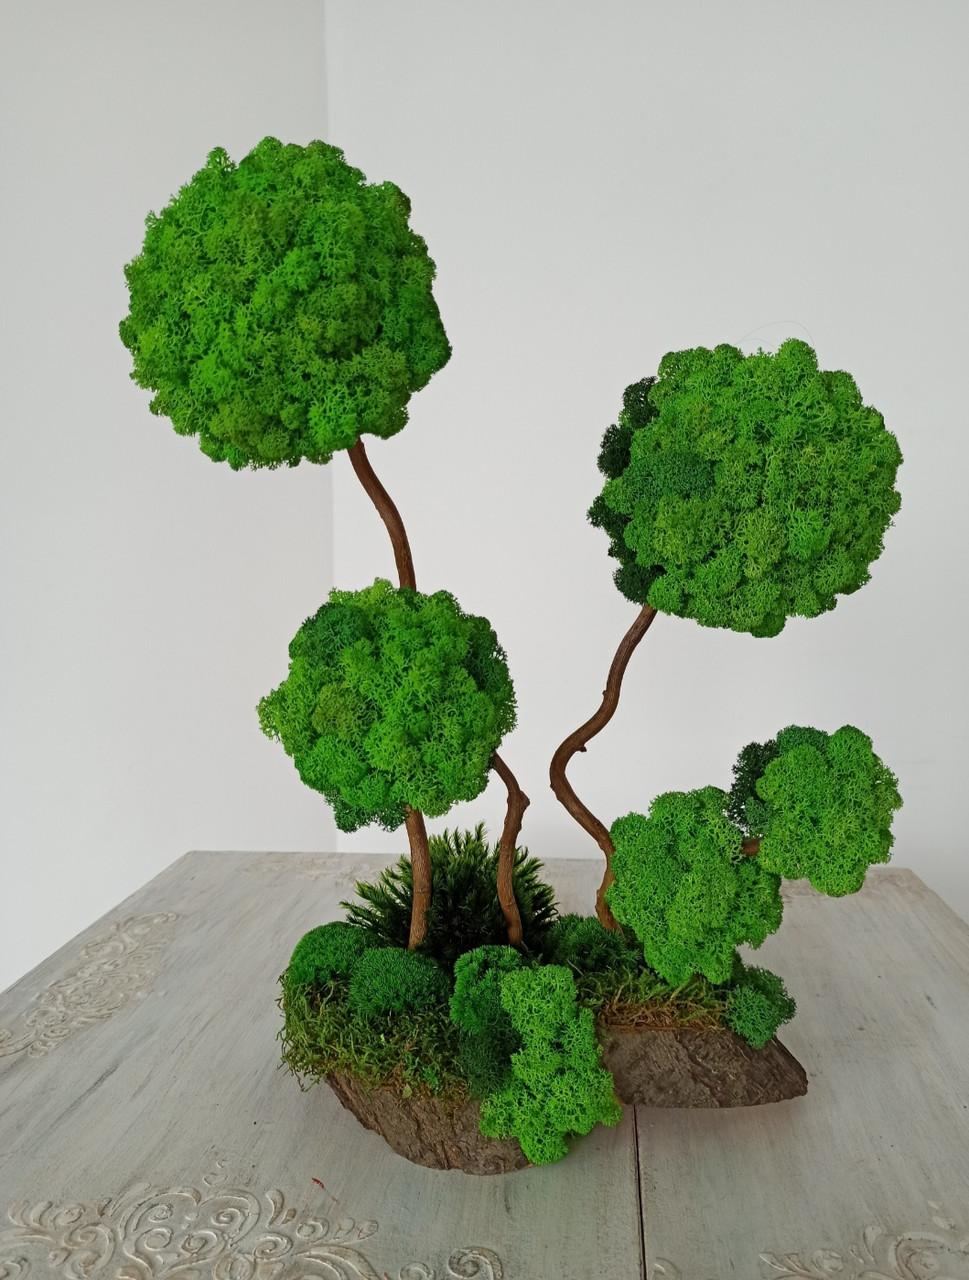 Композиція на стіл з моху, дерева з моху